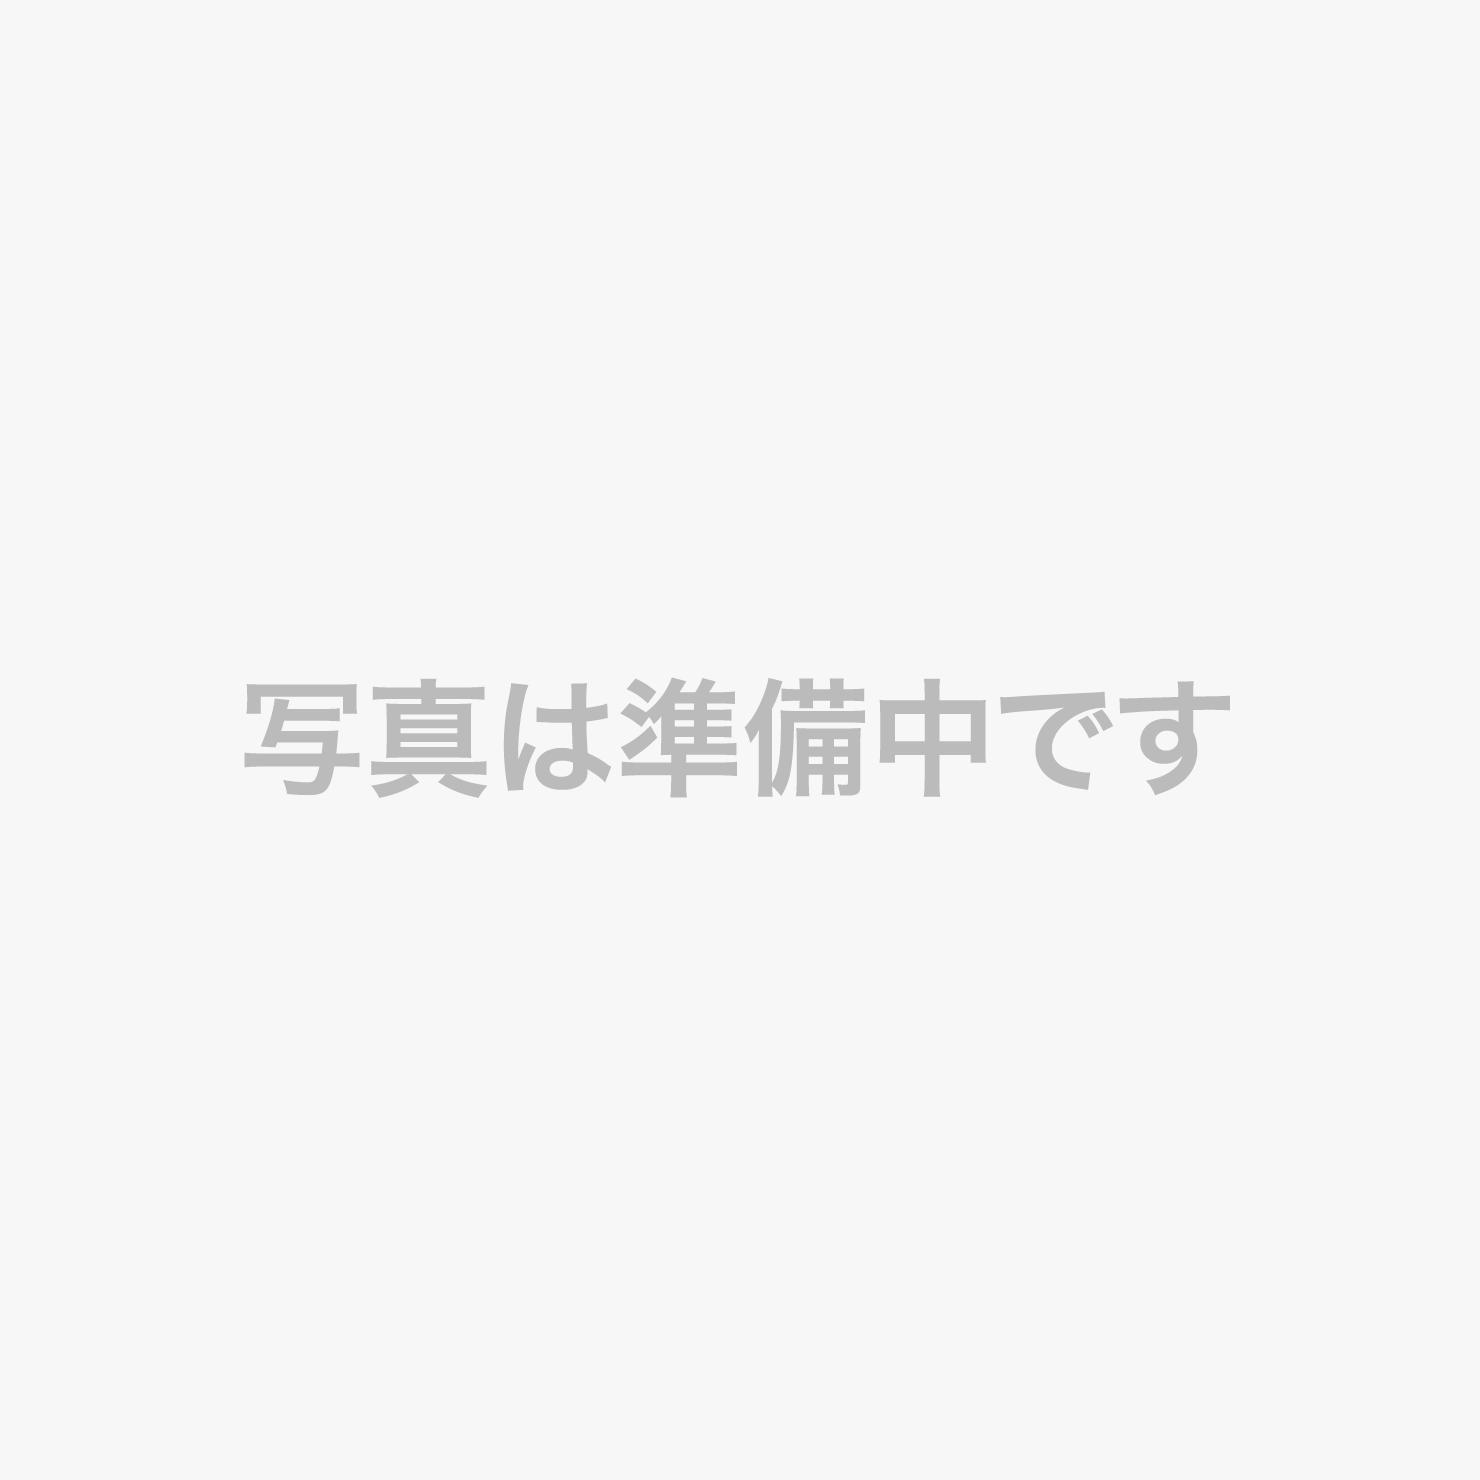 【ハリウッドツイン】